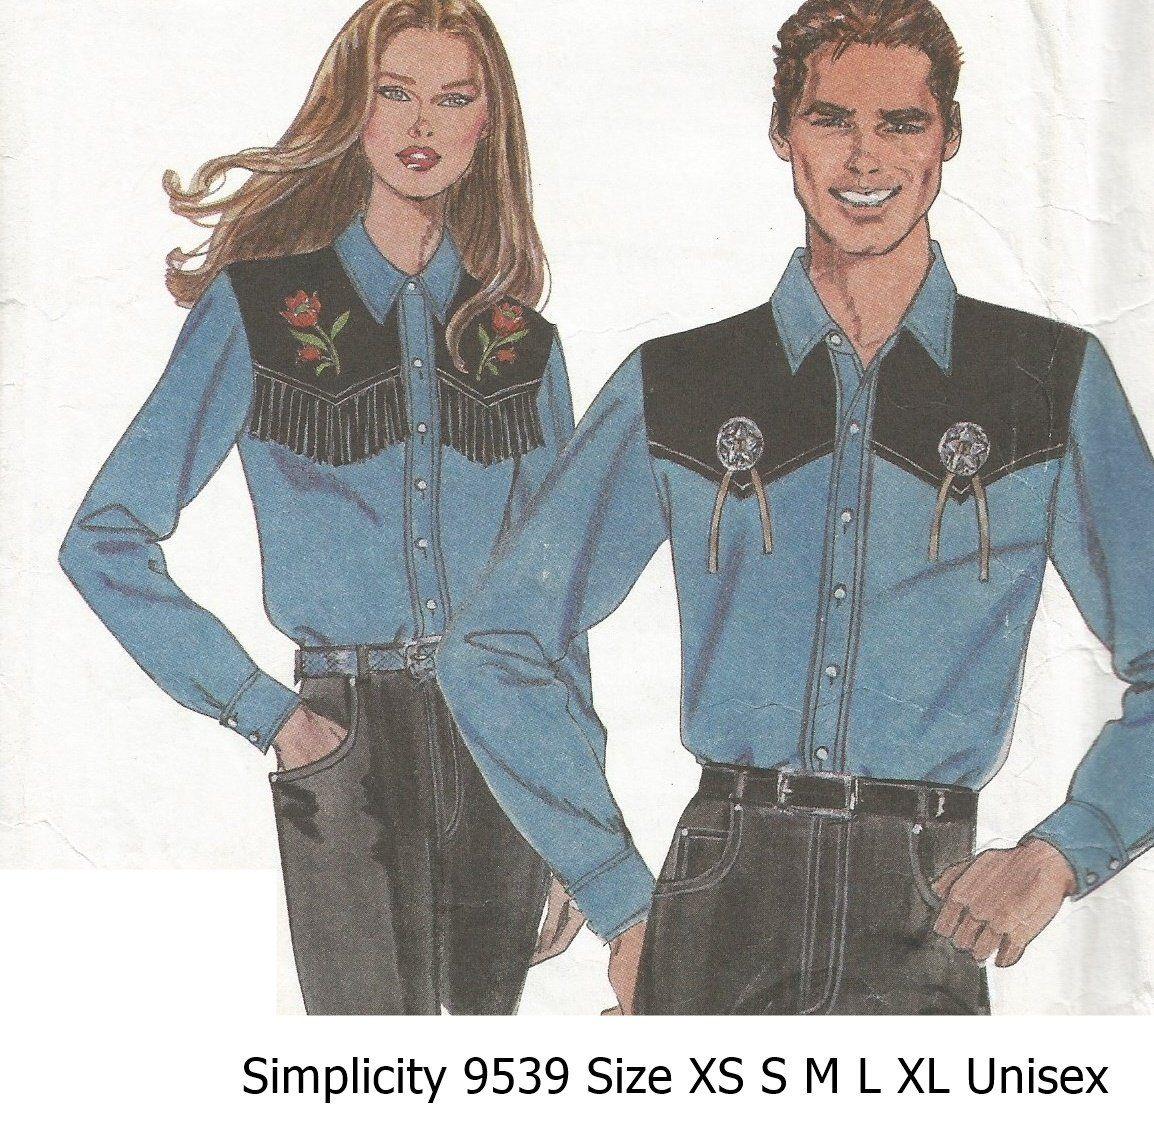 Simplicity9539sewingpatternwesternshirtsmensmissesteens simplicity 9539 sewing pattern western shirts mens misses teens sizes xsm sm md lg jeuxipadfo Images